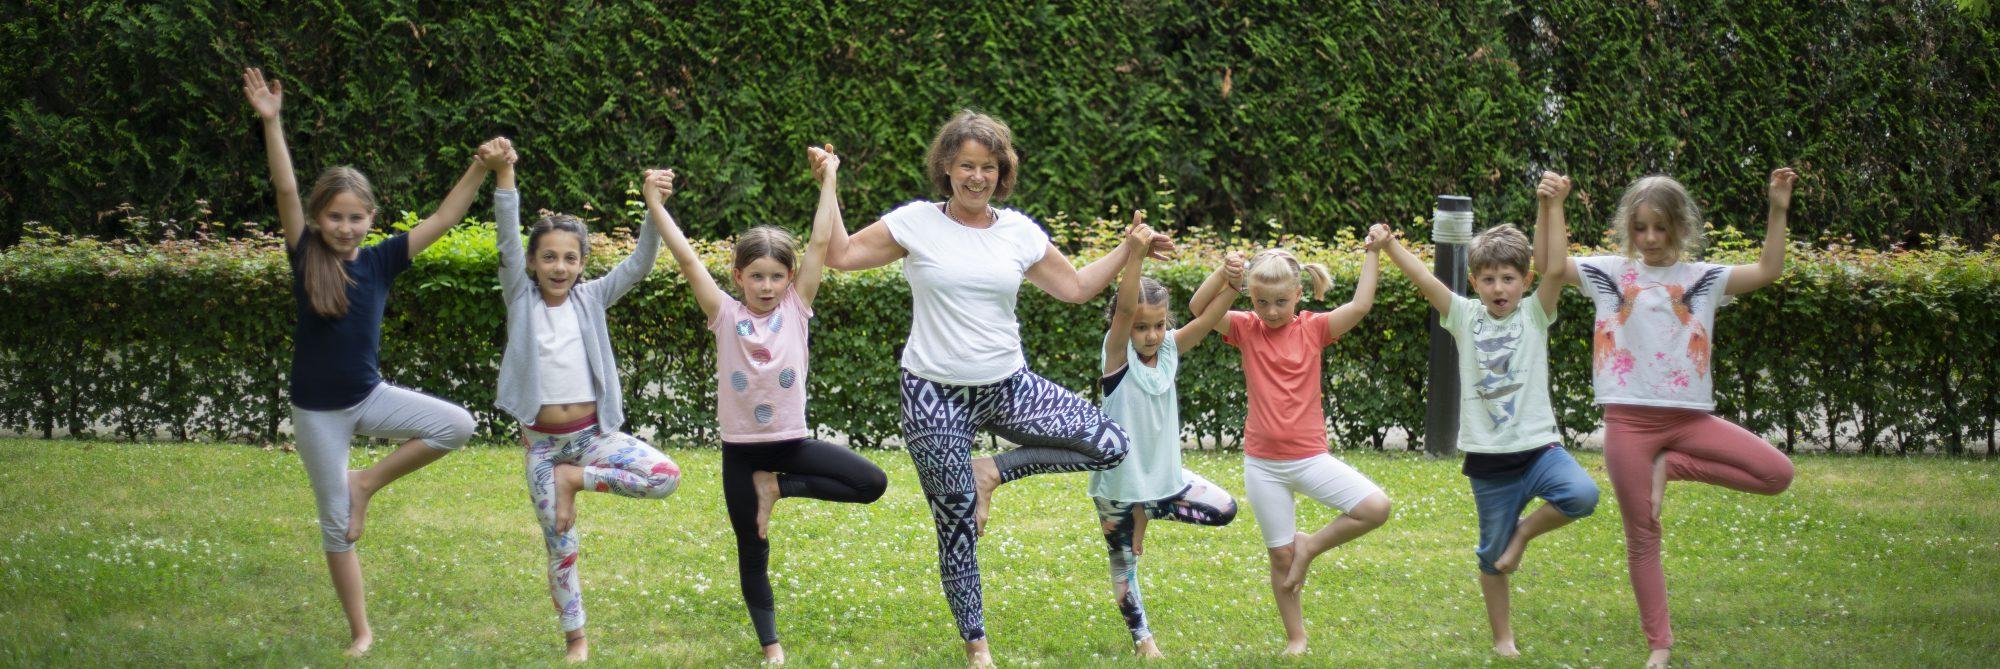 Yoga für Kinder und Jugendliche in Speyer